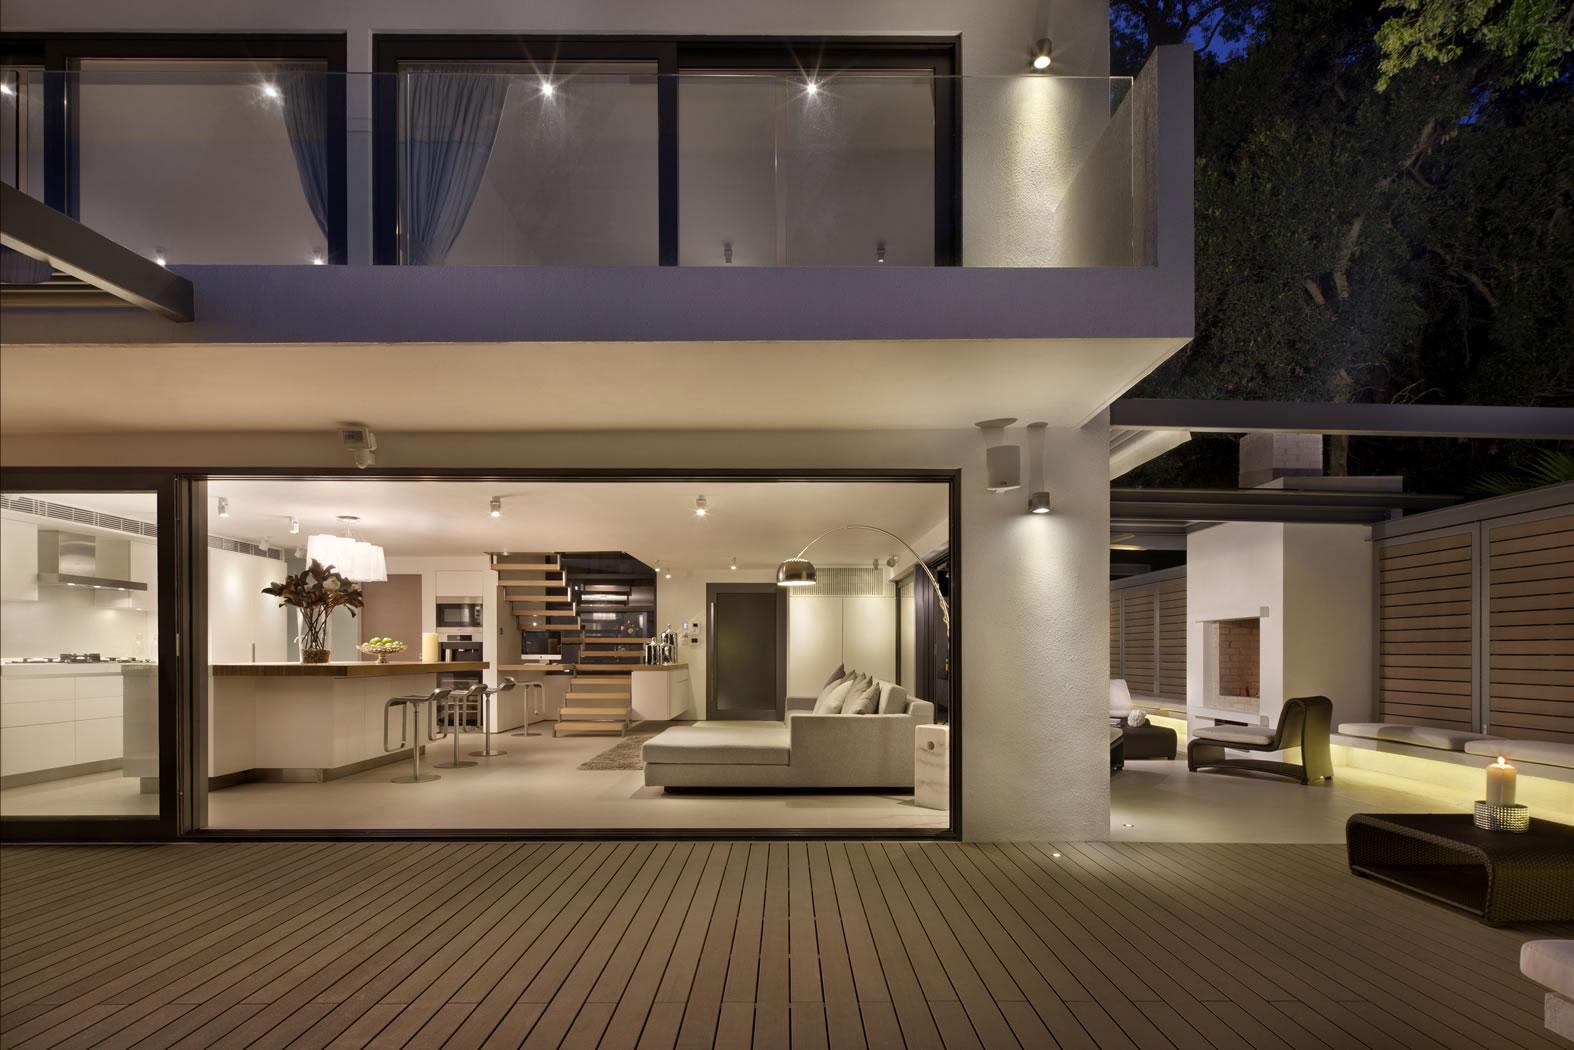 Casa Bosques - Architecture